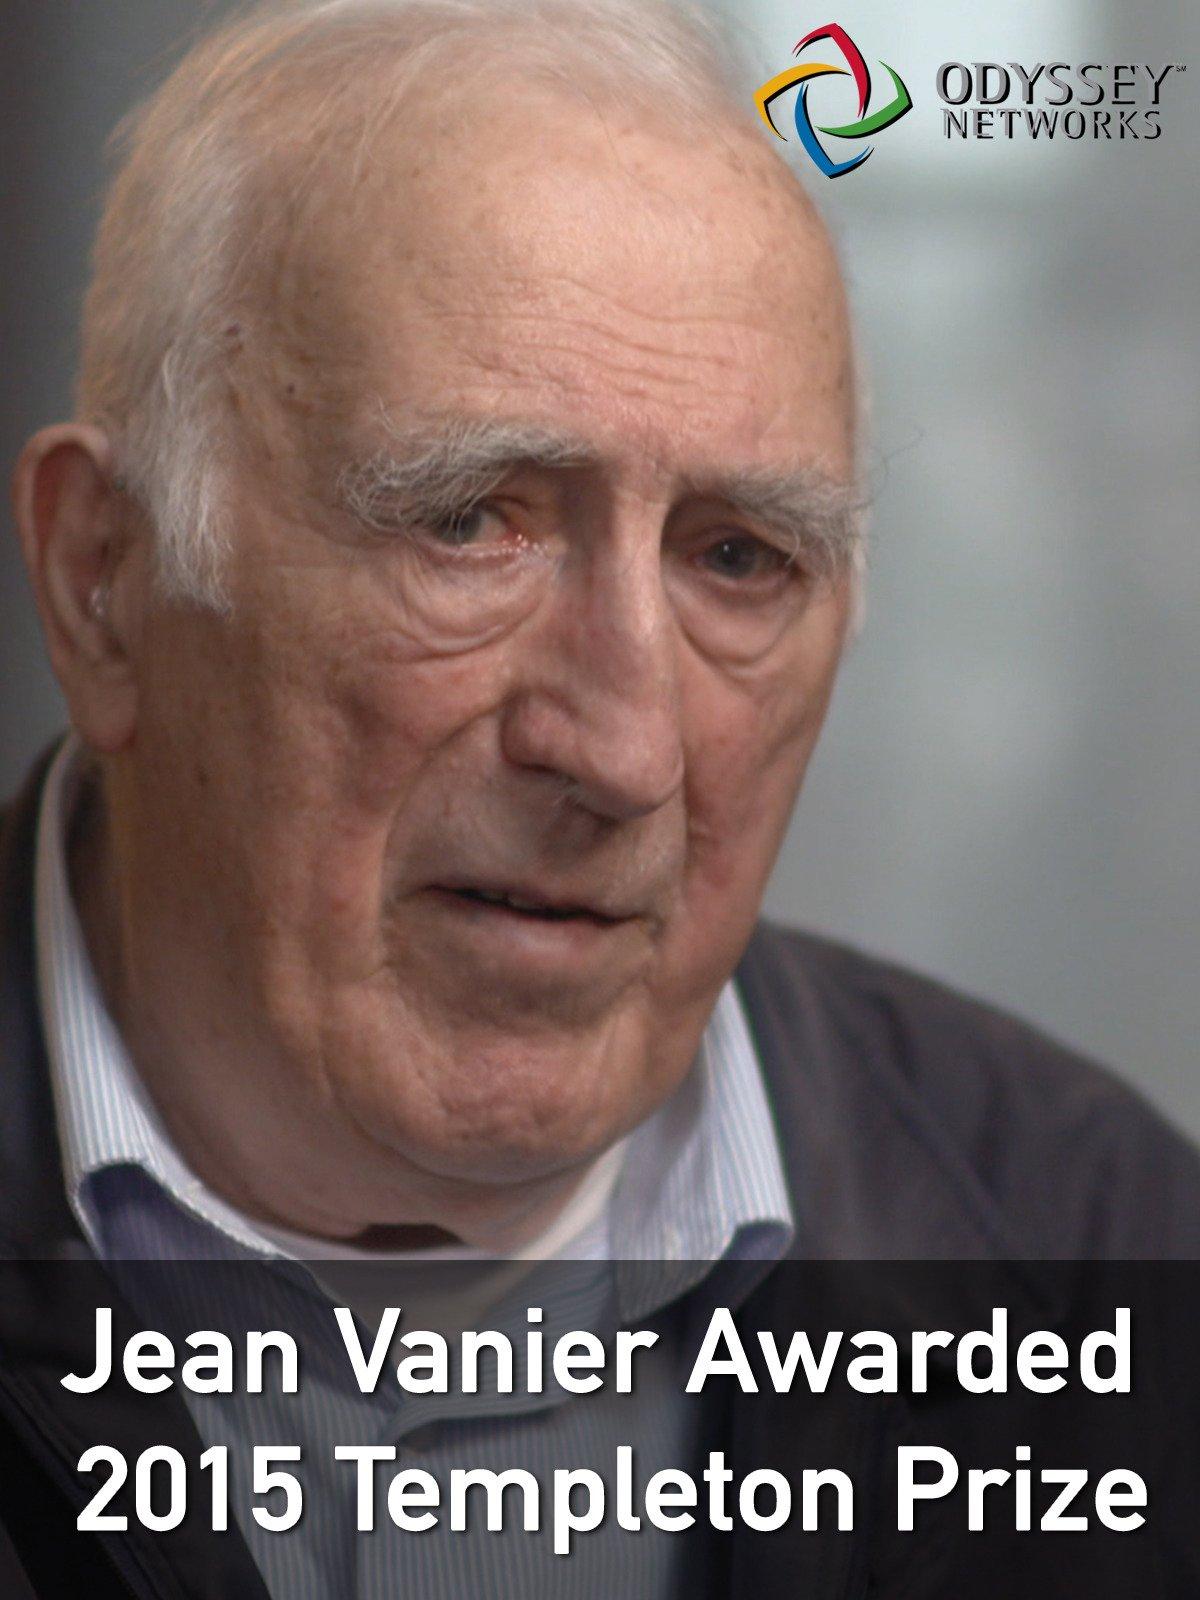 Clip: Jean Vanier Awarded 2015 Templeton Prize